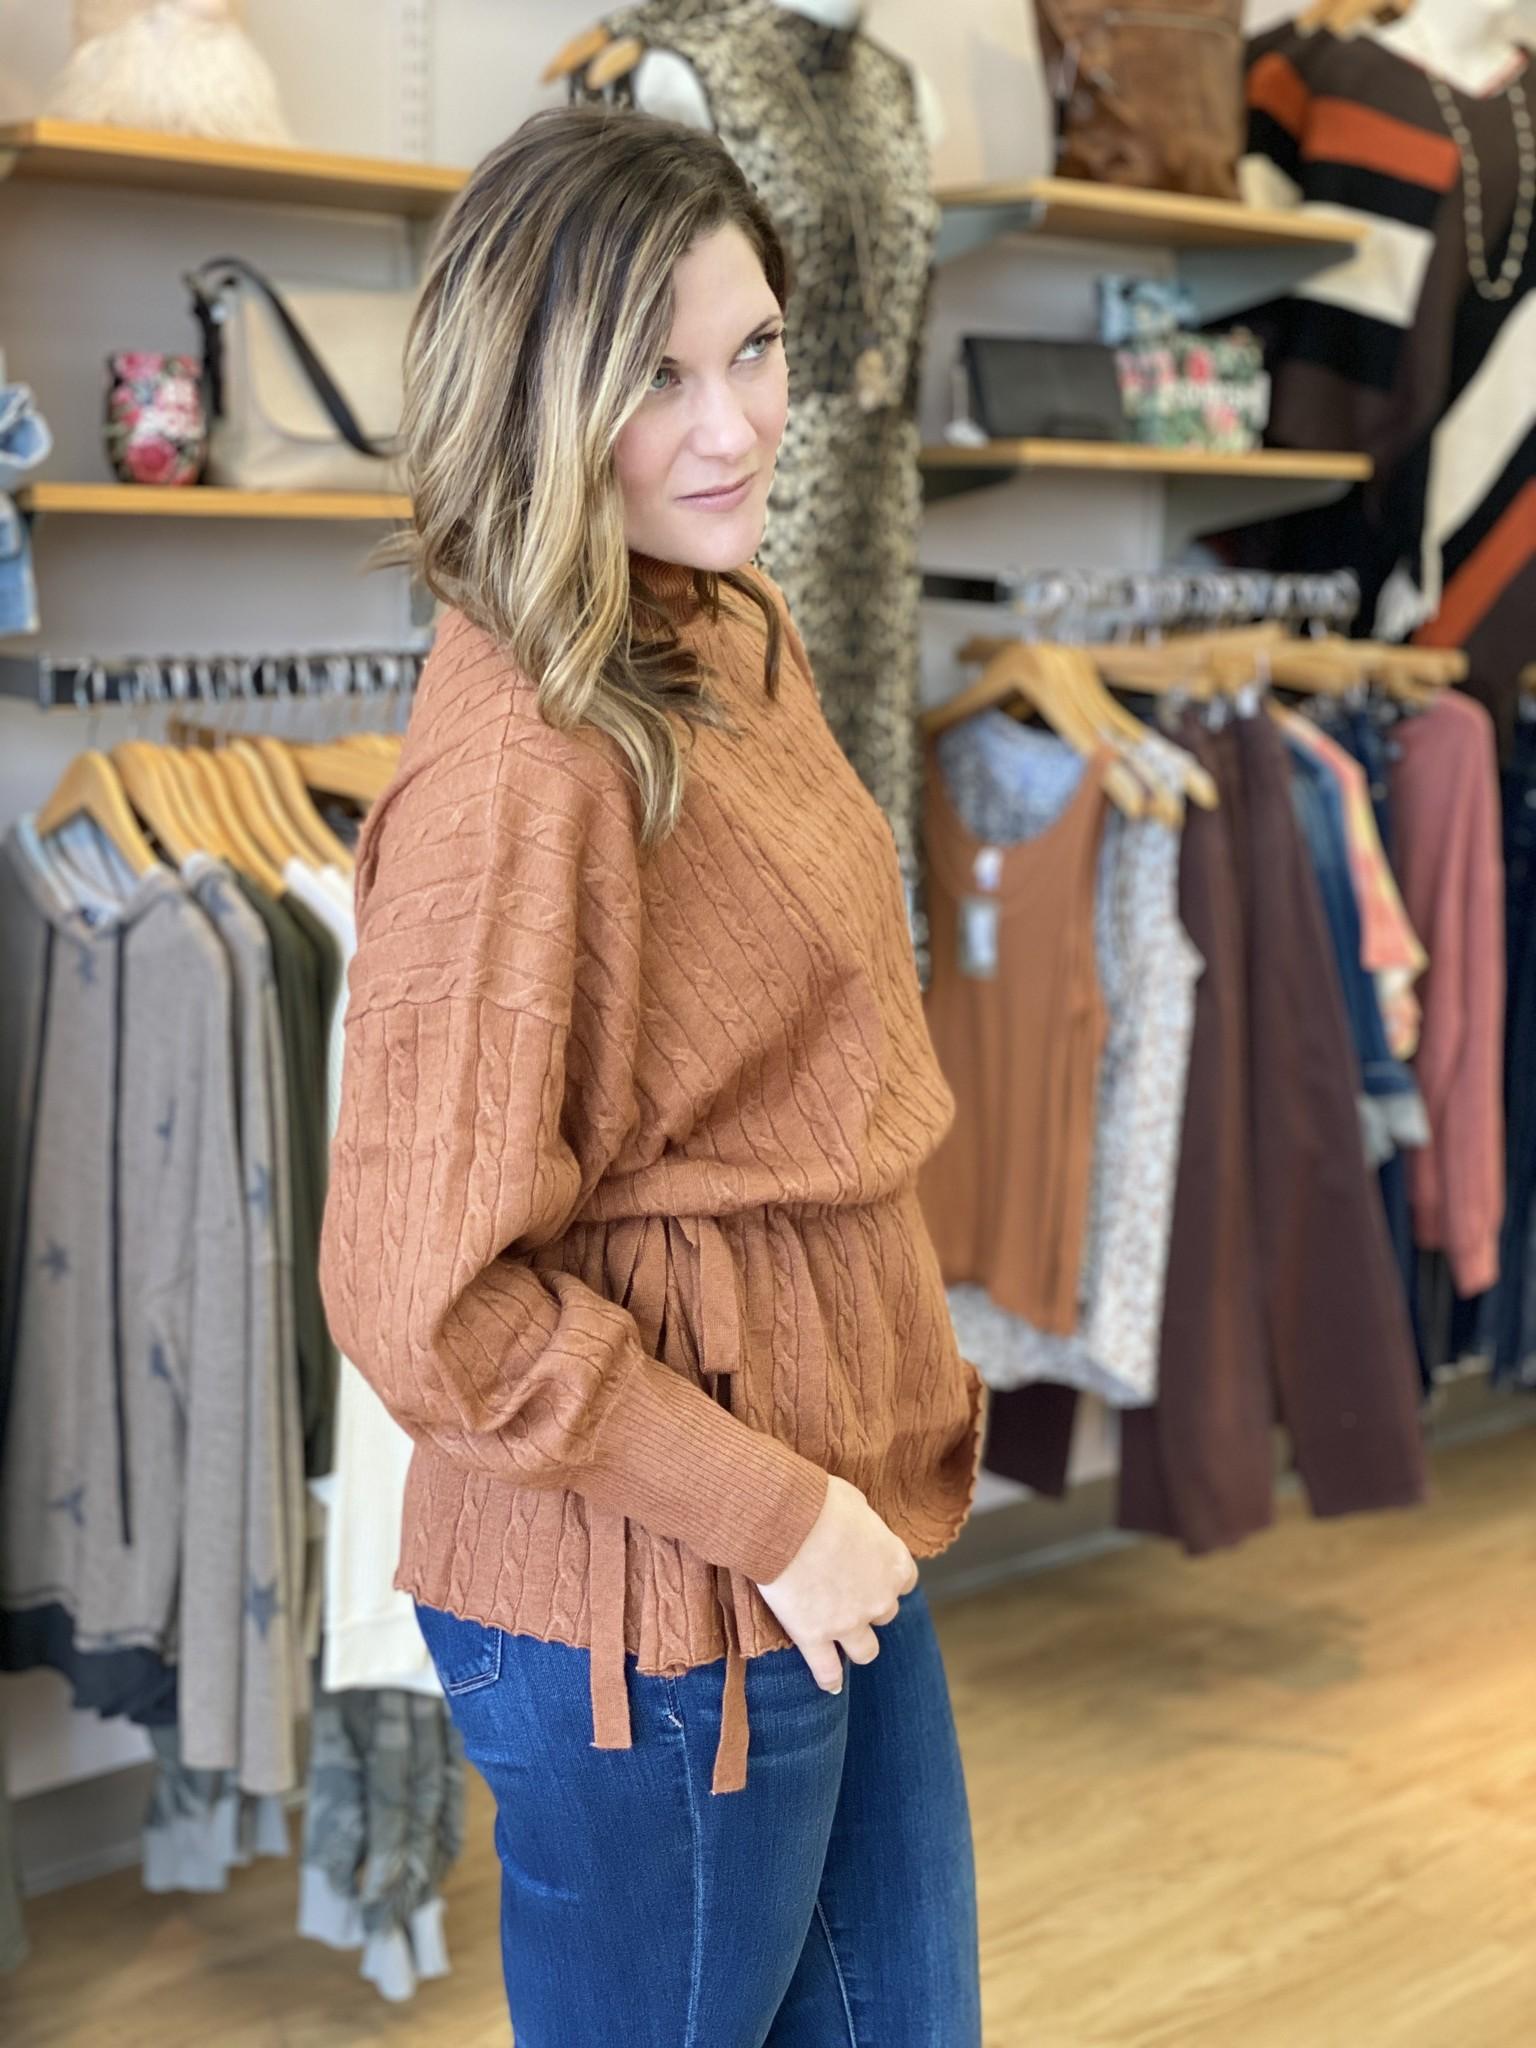 Kerisma Dara Camel Sweater W/Side Tie